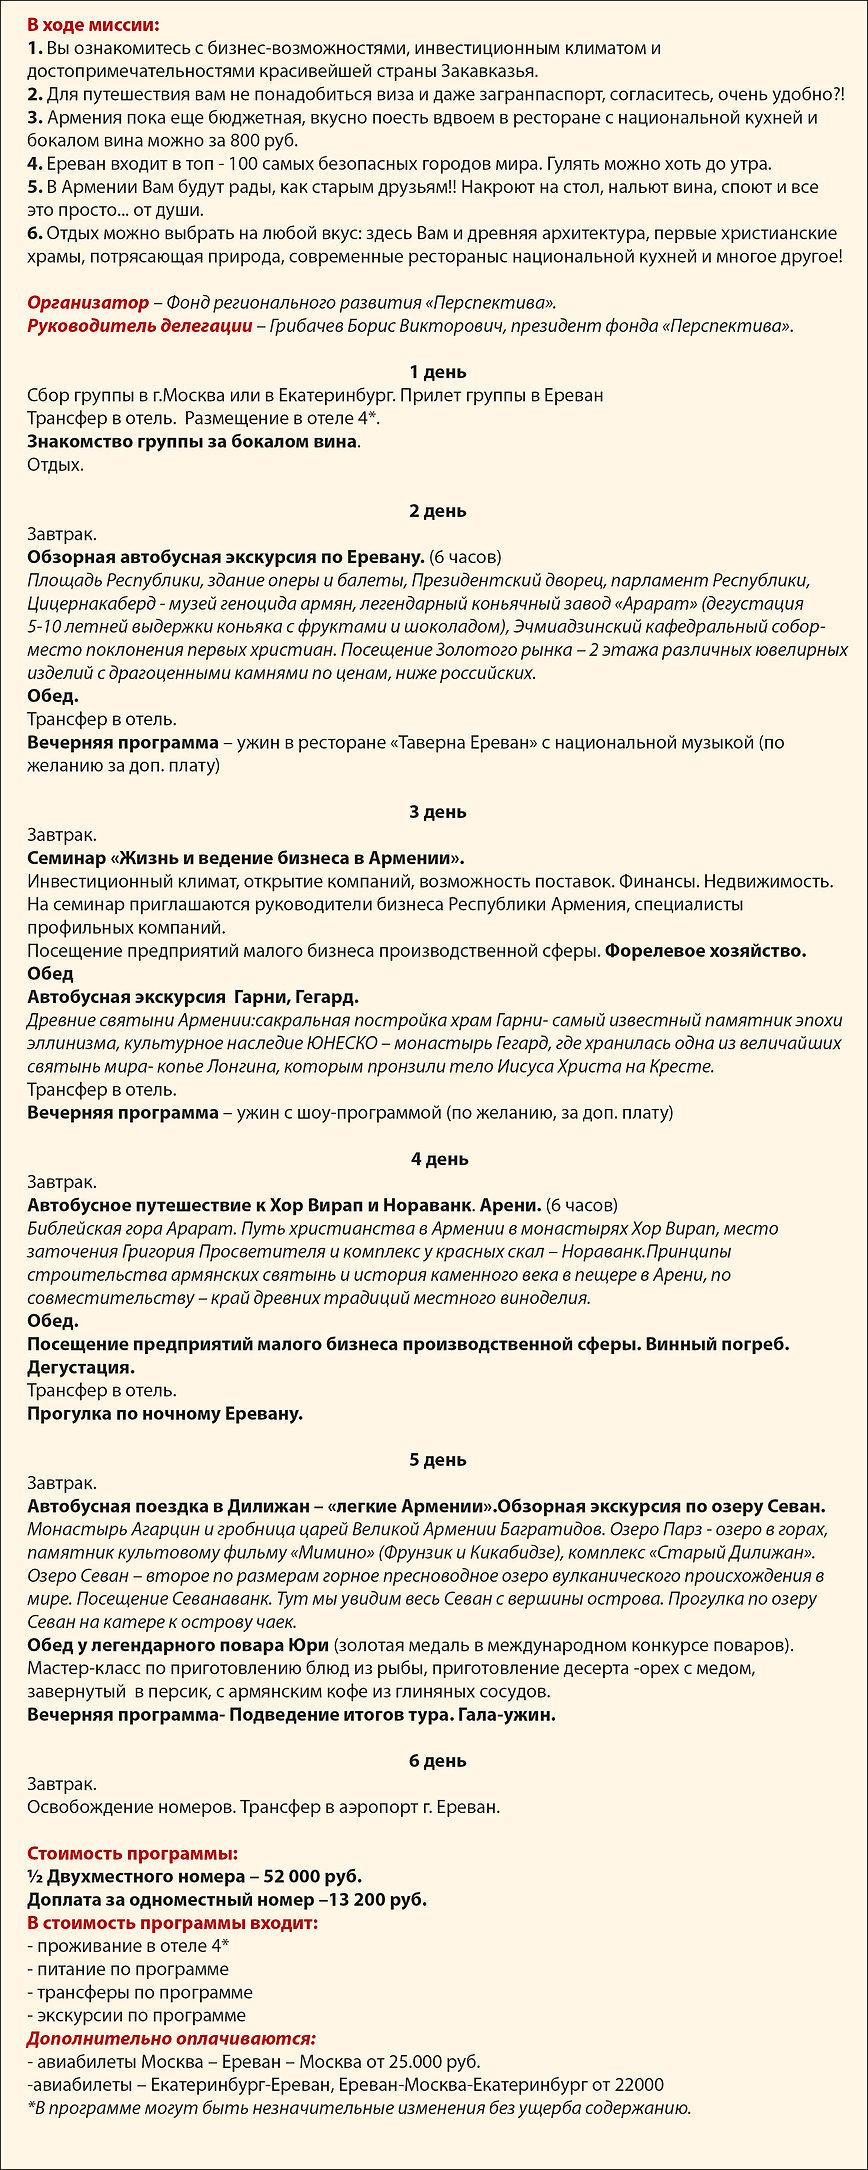 Армения программа.jpg